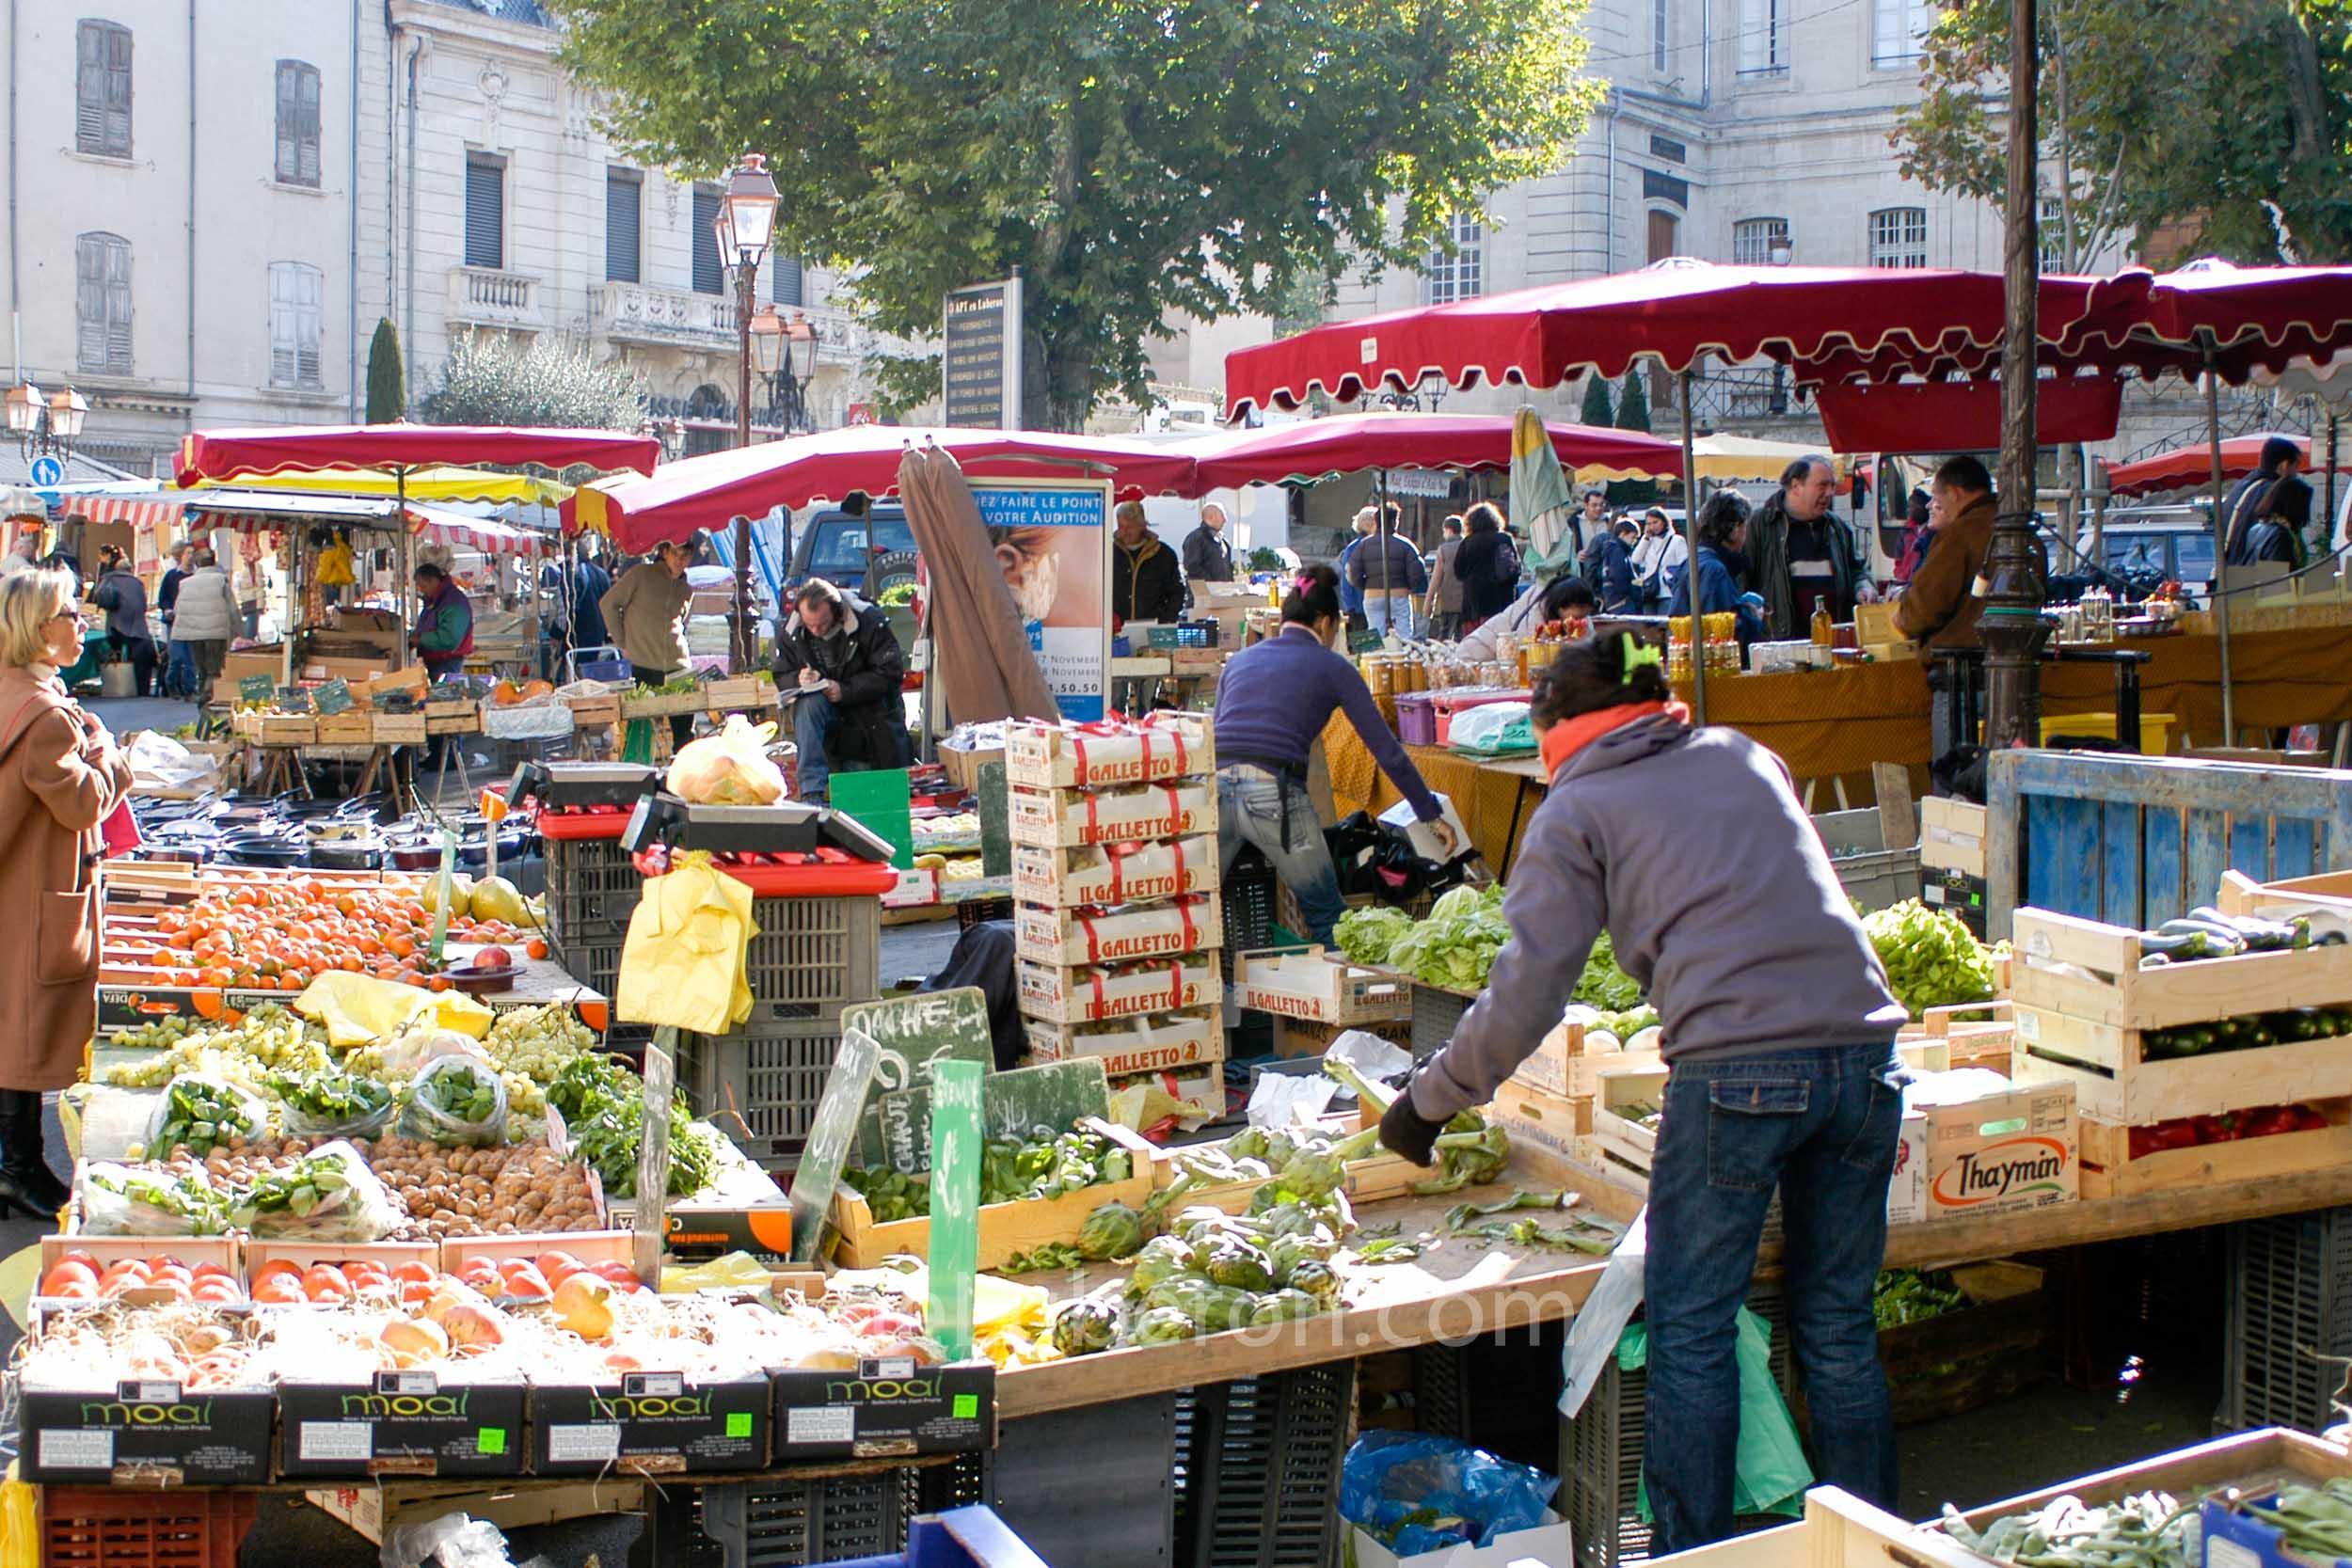 Fruit and vegetables at Apt market